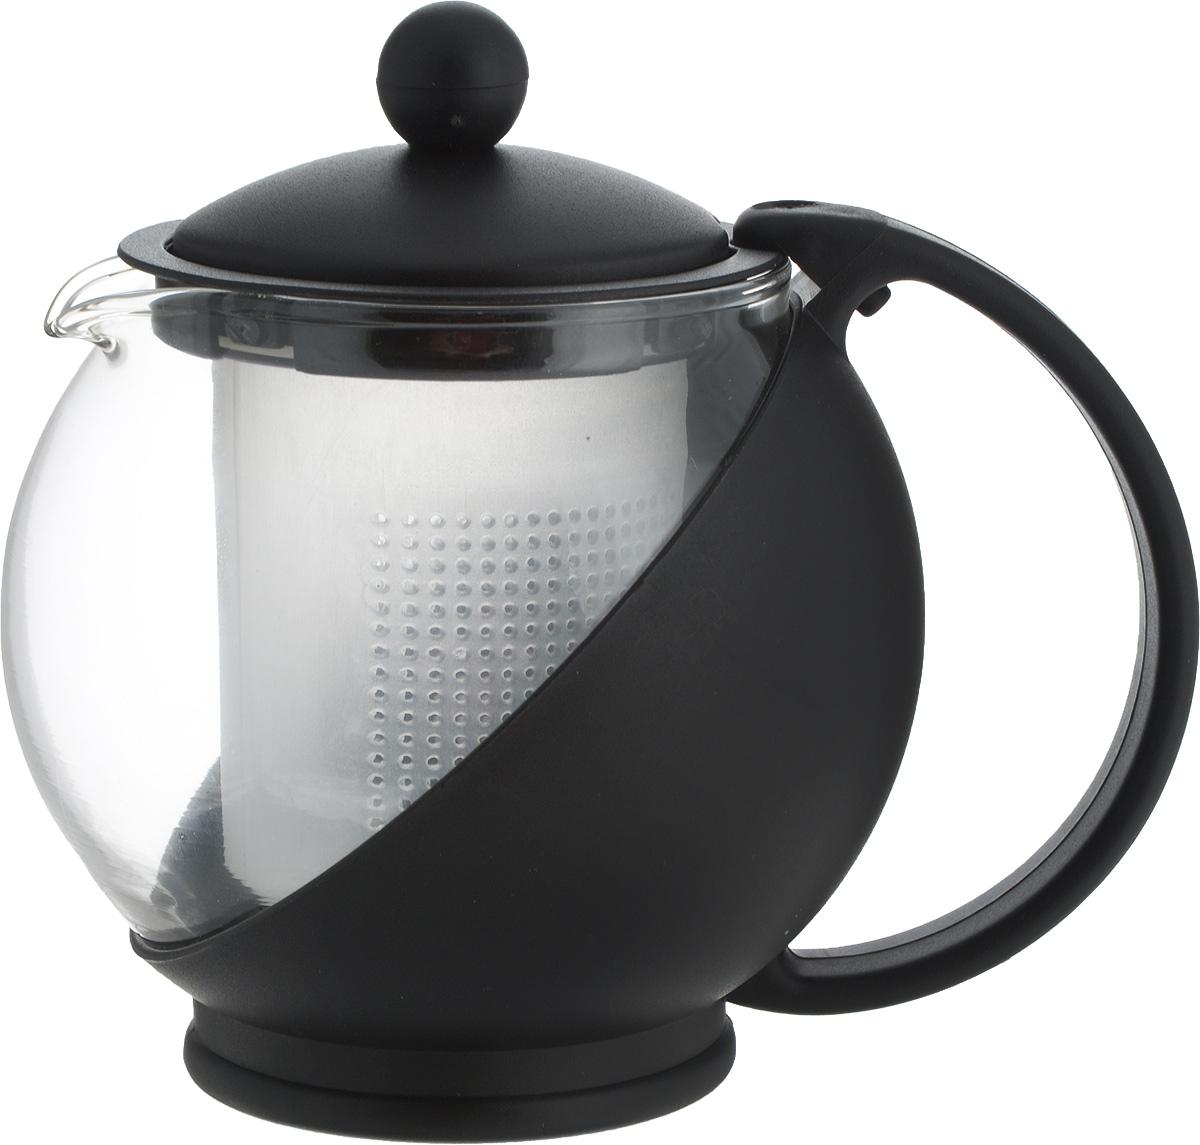 Чайник заварочный Miolla, с фильтром, цвет: черный, прозрачный, 500 мл. DHA020P/ACM000001328Заварочный чайник Miolla изготовлен изжаропрочногостекла и термостойкого пластика. Чай в такомчайнике дольшеостается горячим, а полезные и ароматическиевещества полностью сохраняются в напитке. Чайникоснащенфильтром и крышкой.Простой и удобный чайник поможет вамприготовить крепкий,ароматный чай. Разборная конструкцияобеспечивает легкий уход.Можно мыть в посудомоечной машине. Неиспользовать в микроволновой печи.Диаметр чайника (по верхнему краю): 6,5 см. Высота чайника (без учета крышки): 9,5 см. Высота фильтра: 6,5 см.